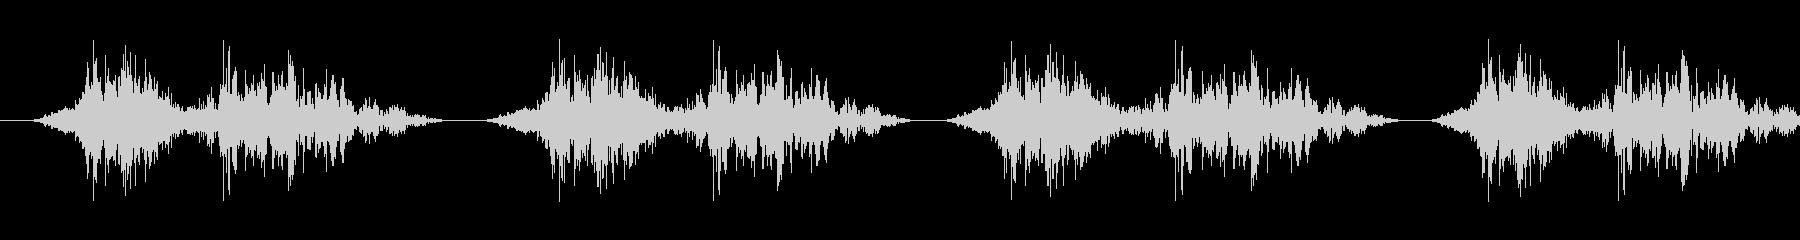 Huushuhuushi (polishing / animation tone)'s unreproduced waveform